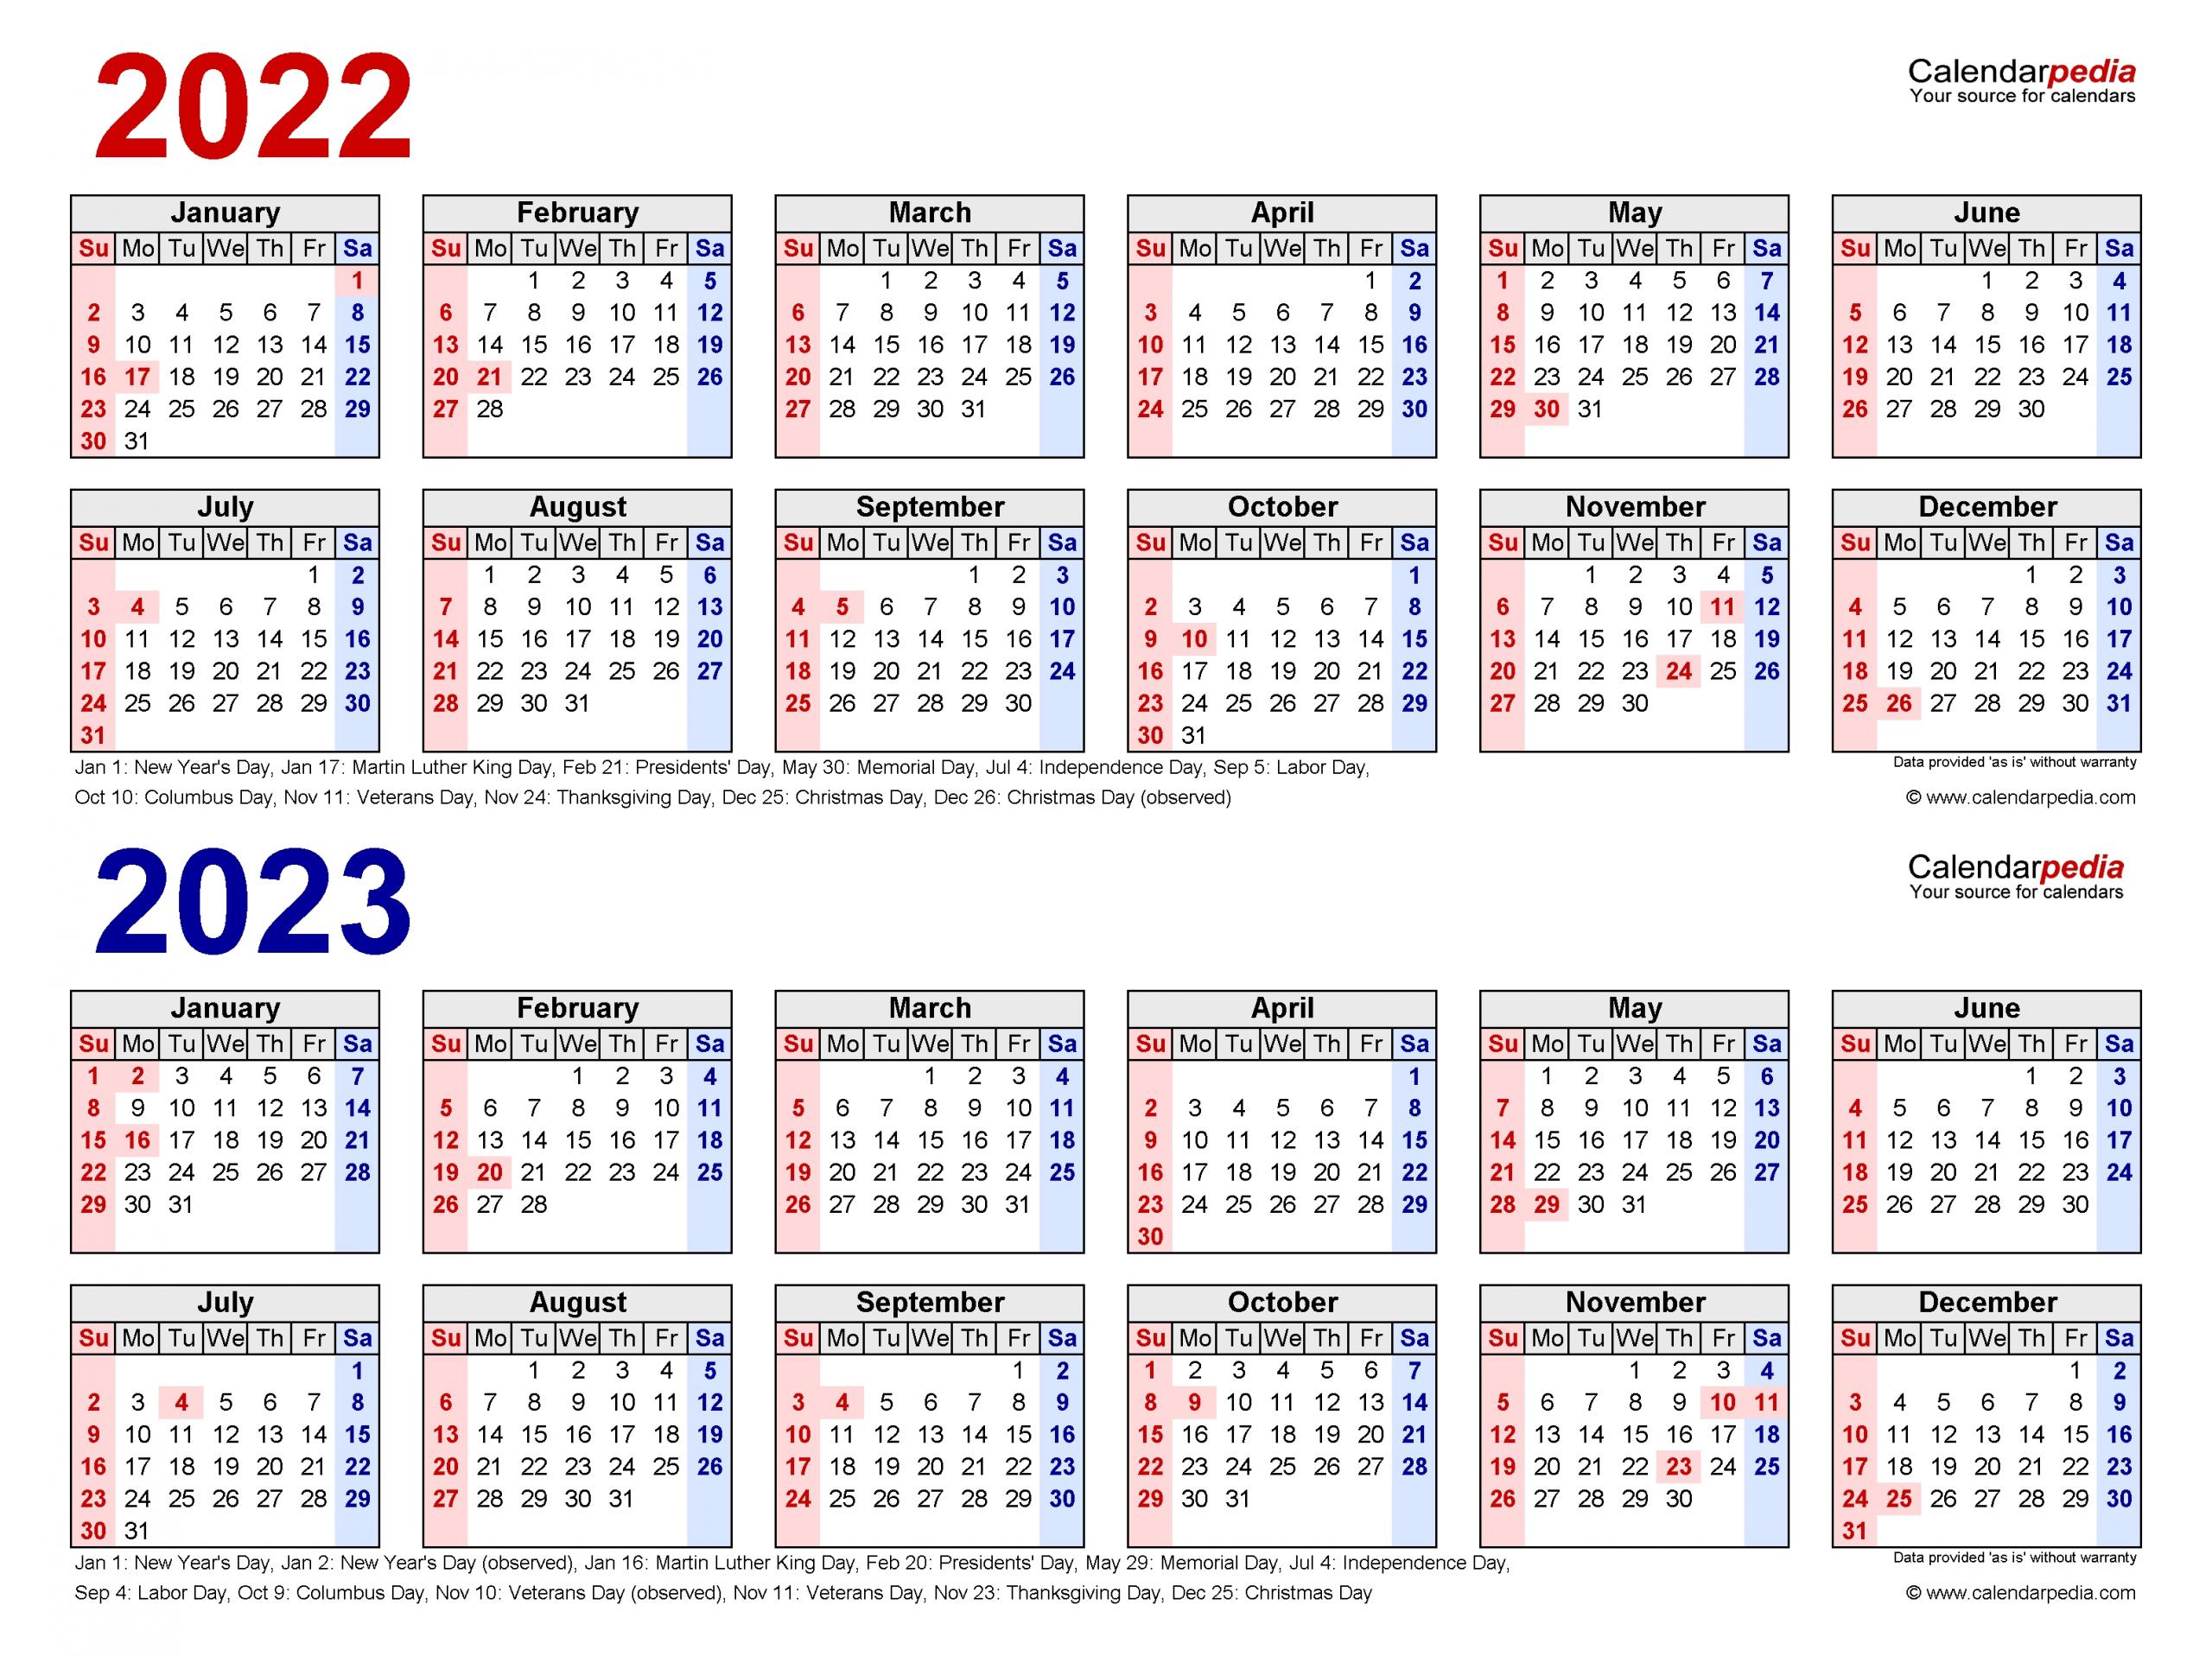 Catch Calendar For 2022 & 2023